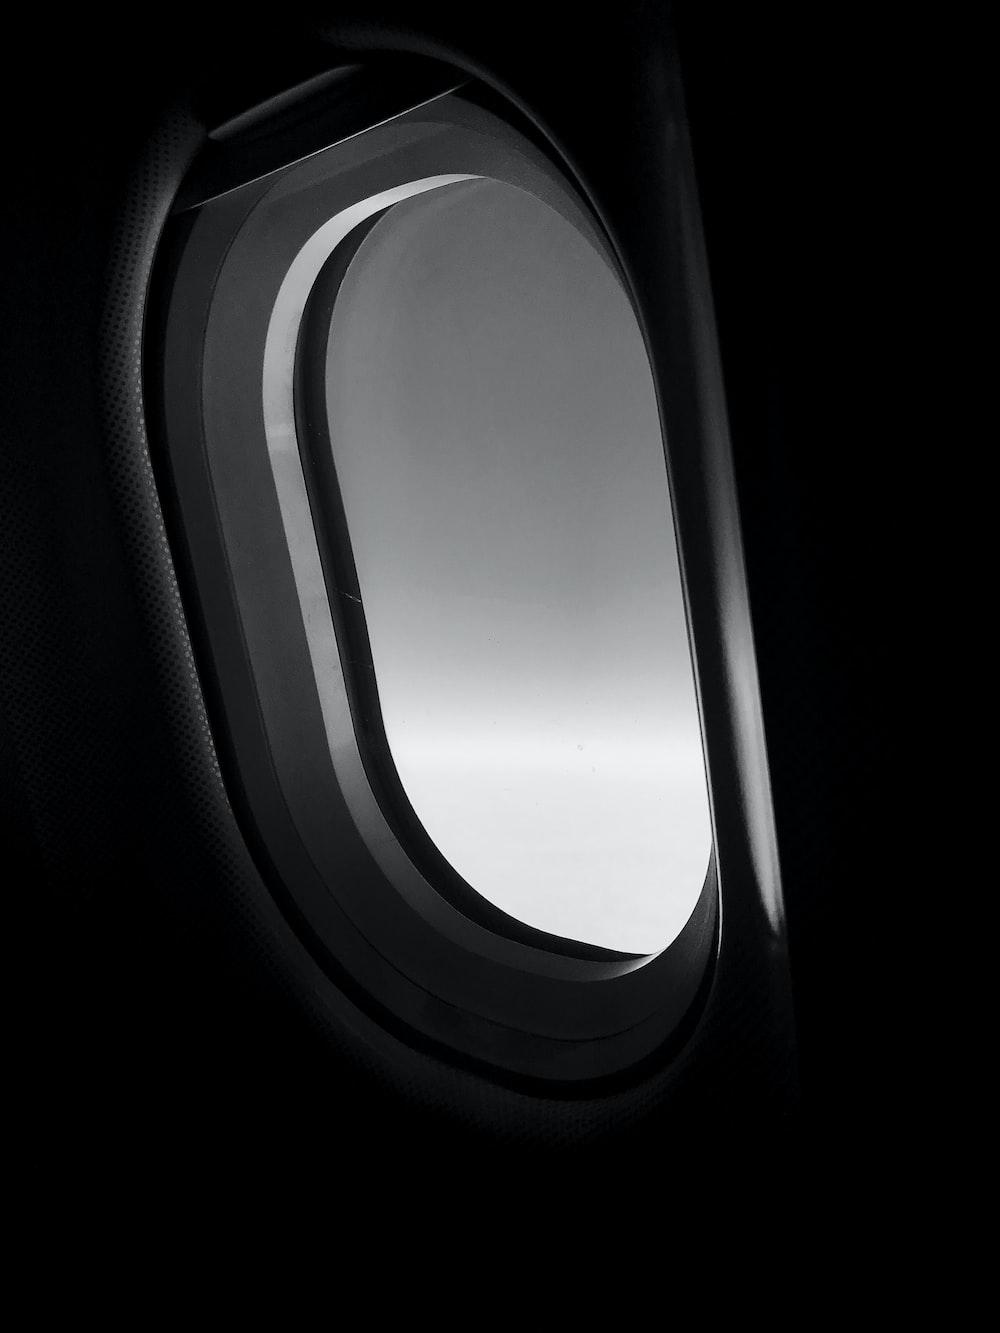 oblong gray window